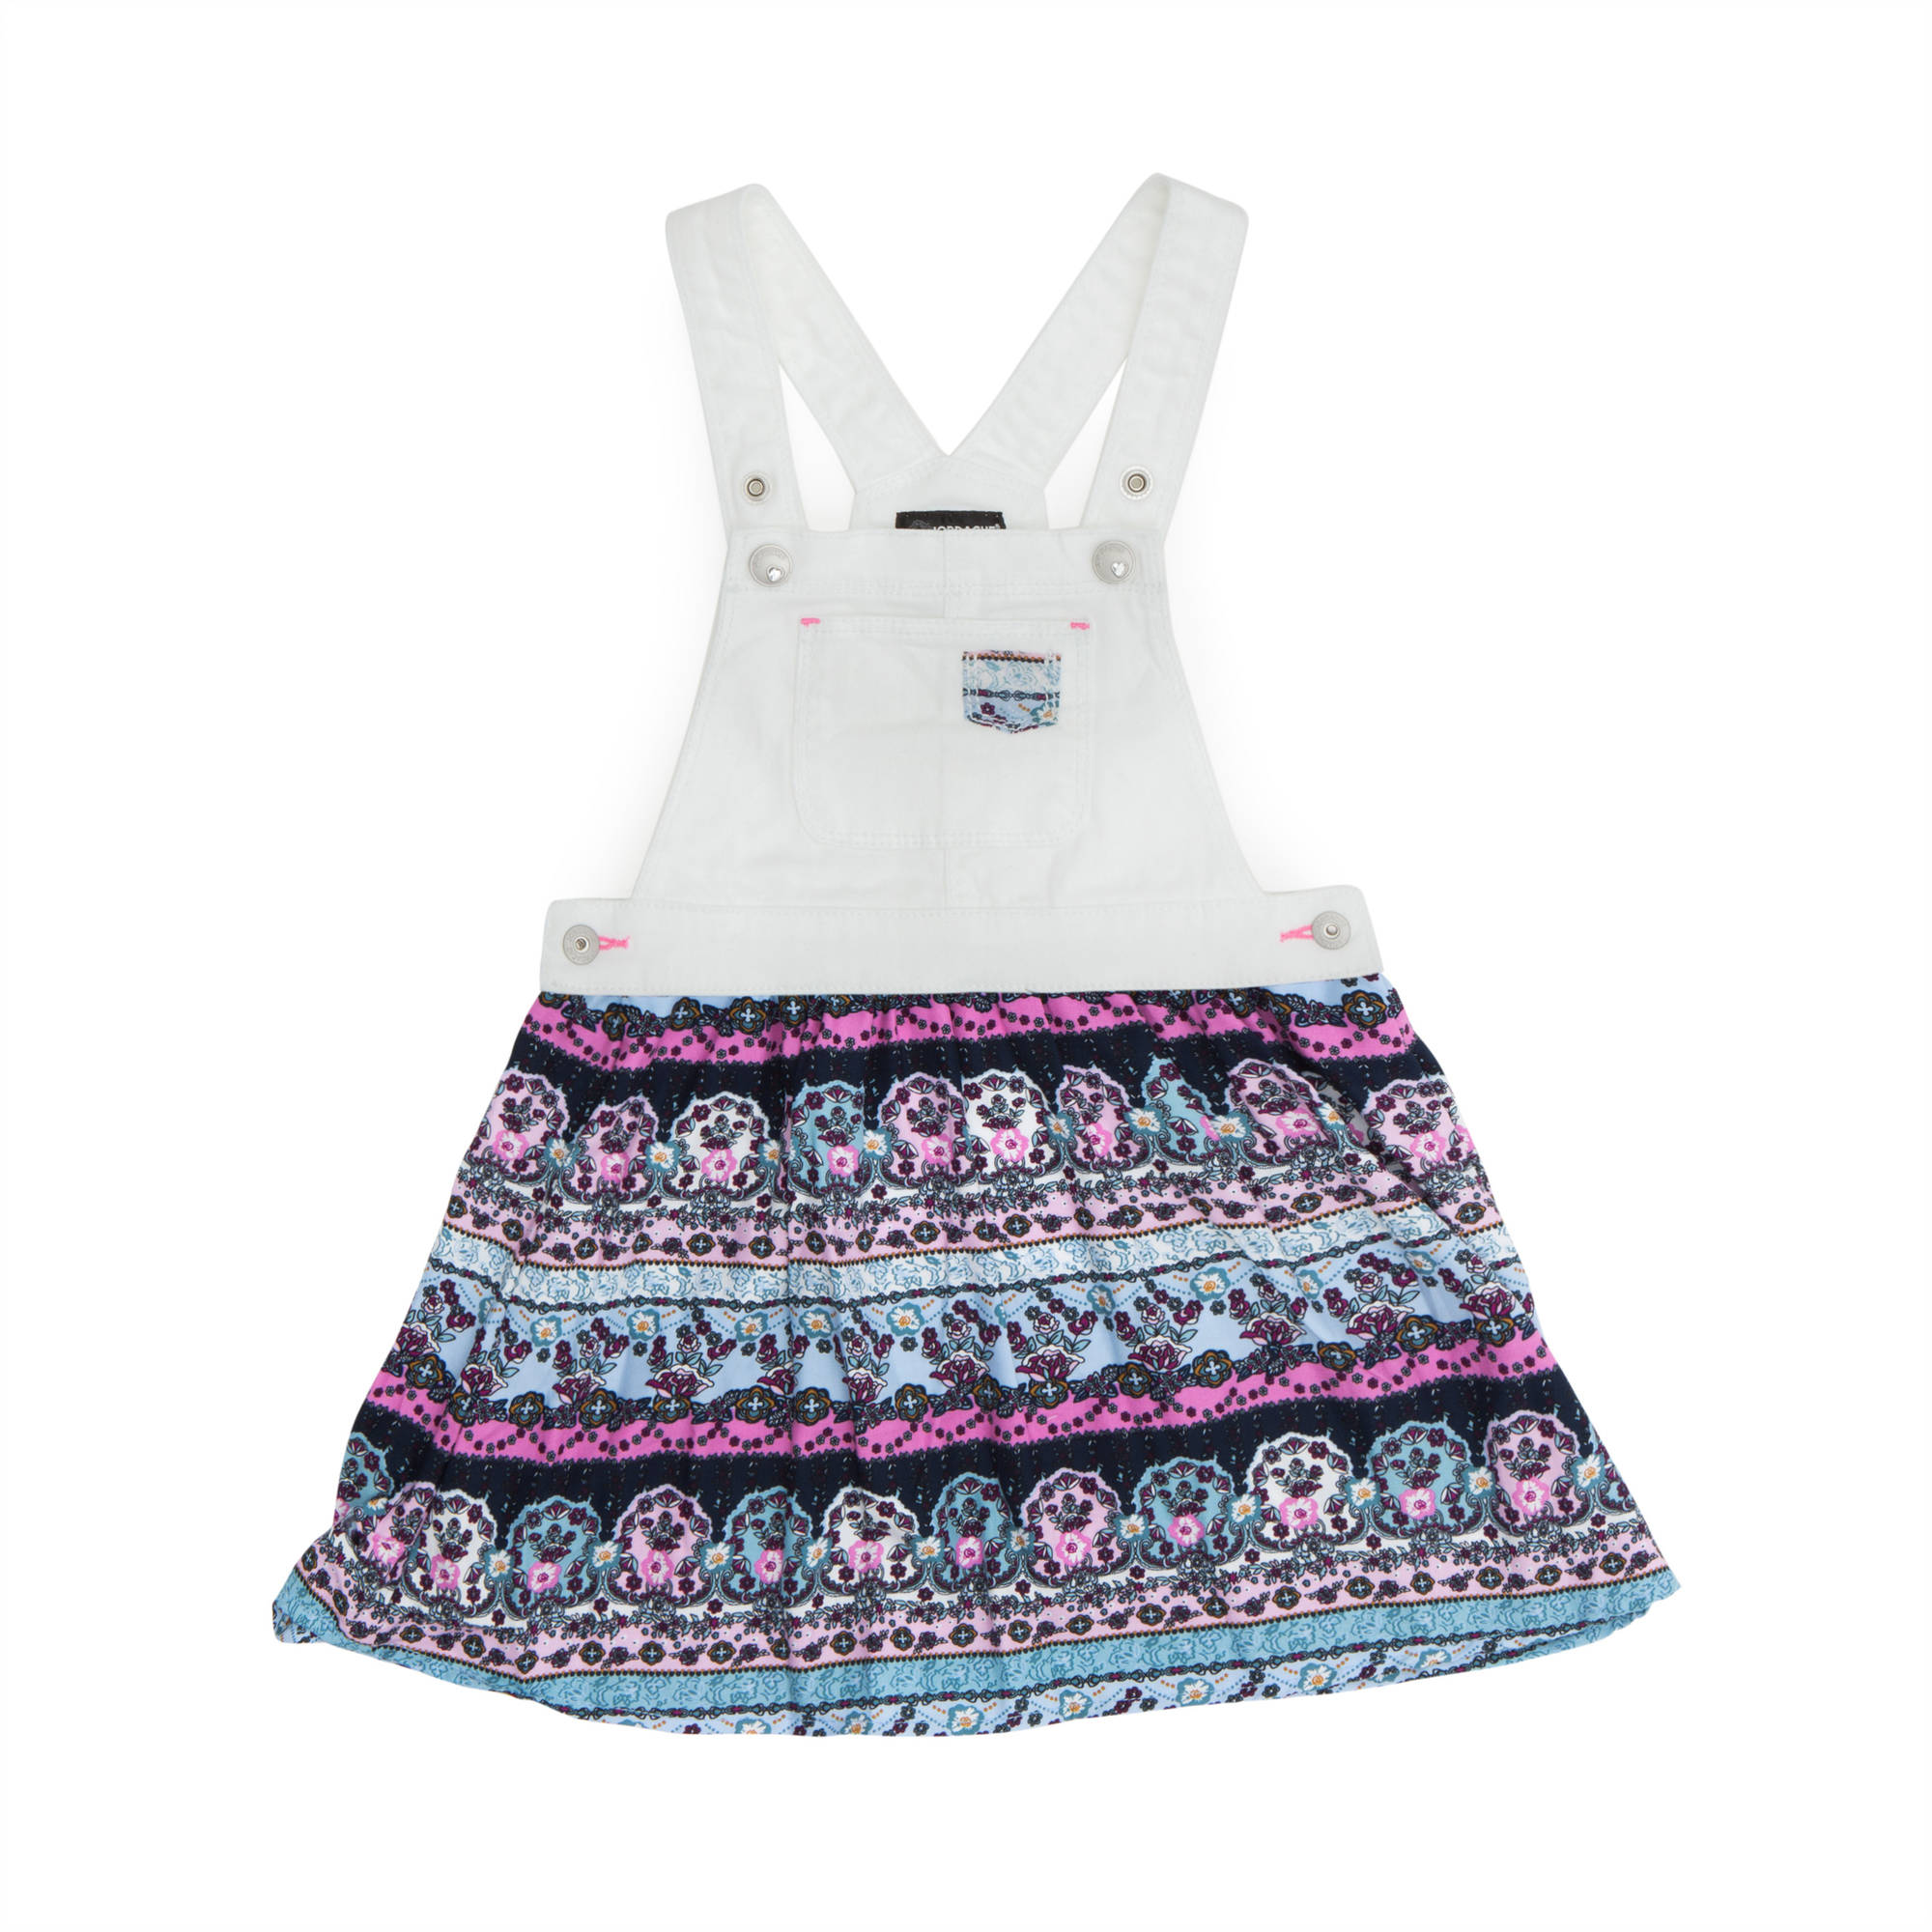 Jordache Toddler Girl Mixed-Print Skirt-All